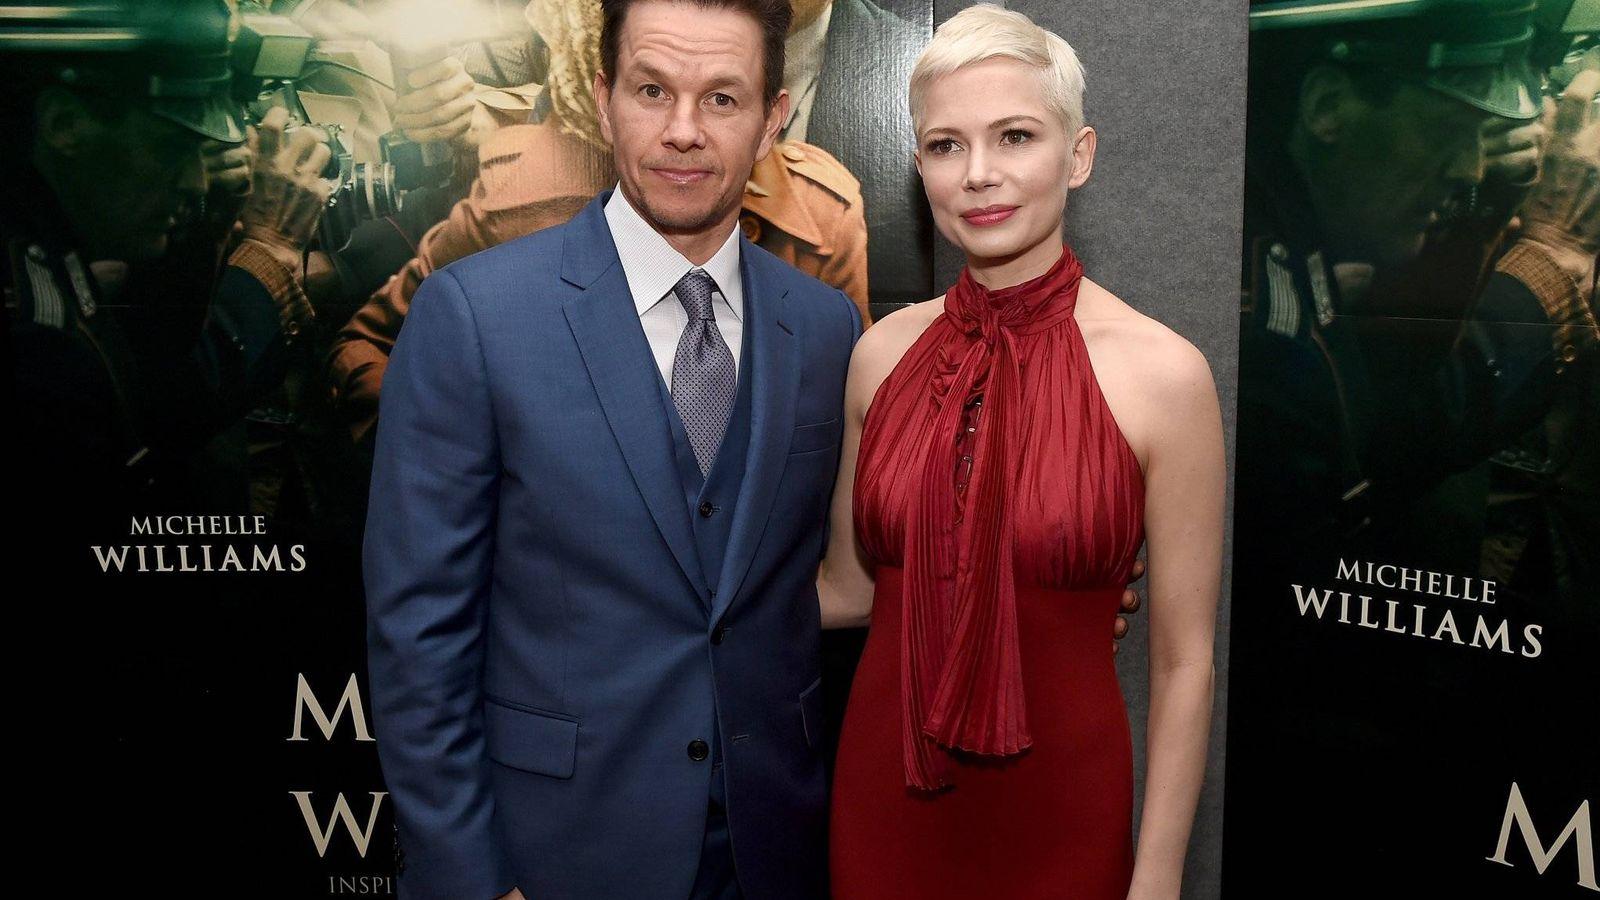 Foto: Michelle Williams y Mark Walhberg en la promoción de la película.